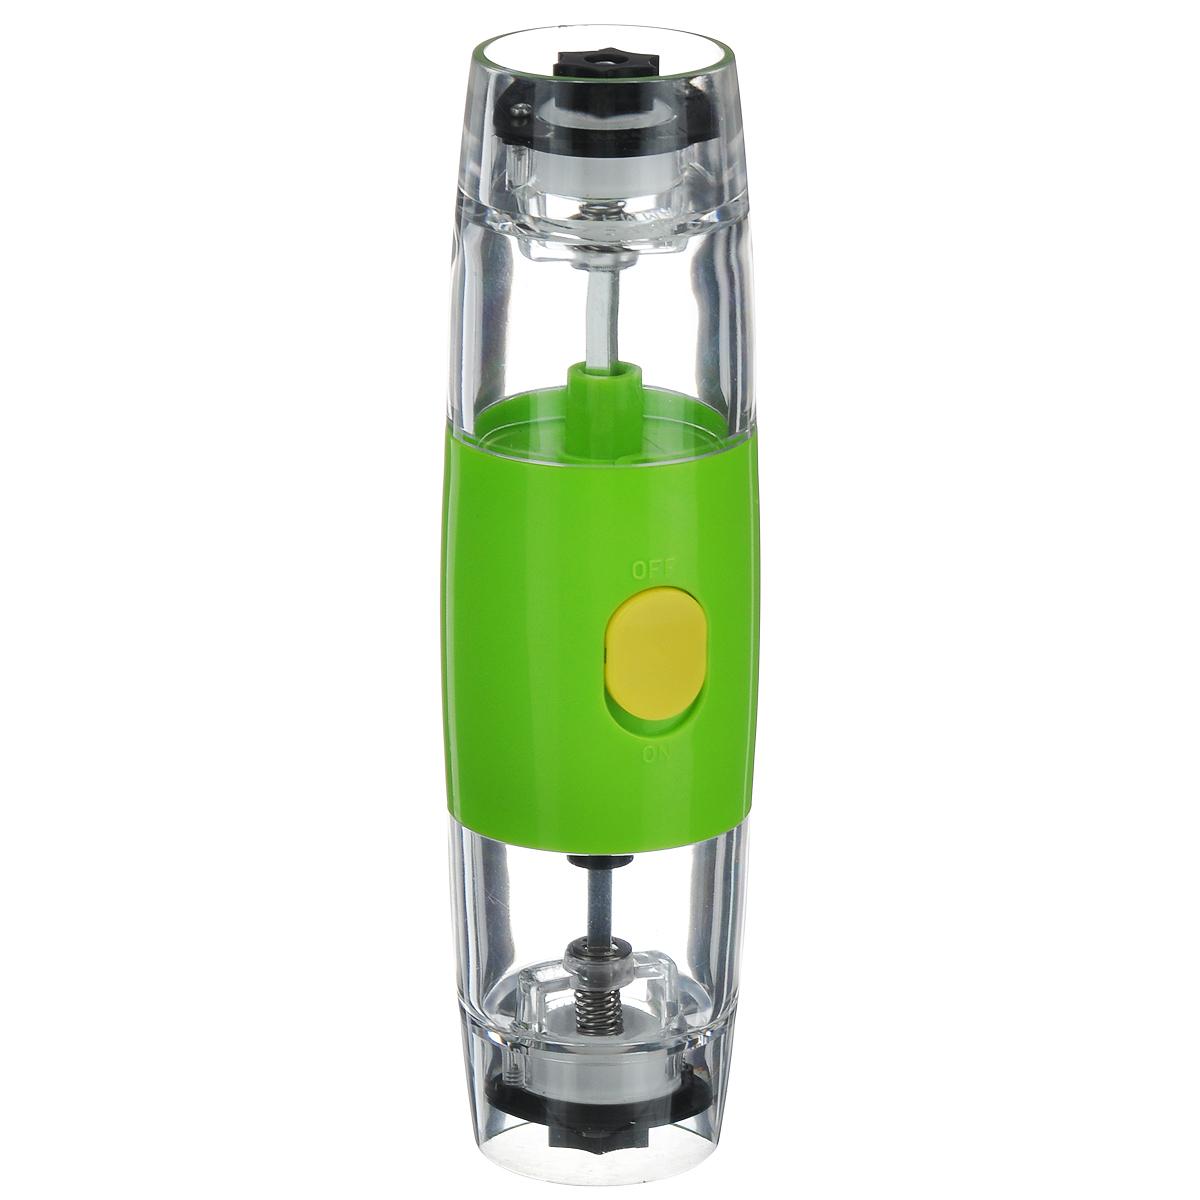 Электрическая мельница для соли и перца Mayer&Boch 2416724167Электрическая мельница Mayer&Boch - это просто незаменимая вещь на кухне любой современной хозяйки. Электрическая мельница с легкостью справится с горошинами перца или крупными кристаллами соли. Надежный и прочный механизм мельницы запускается при нажатии на кнопку. Мельница имеет регулировку степени измельчения. С такой удобной и функциональной мельницей, приготовление и употребление пищи переходит на качественно новый уровень. Работает от батареек АAА (не входят в комплект). Мельница электрическая МВ (х24). Цвет: зеленый, прозрачный, черный. Материал корпуса: керамика. Внутренняя стенка: АБС-пластик. Контейнер: акрил. Поверхность: АБС-пластик. Мелющий механизм: нержавеющая сталь. Тип питания: 4 батарейки типа АА. Размер упаковки: 6,3 х 6,3 х 21 см.